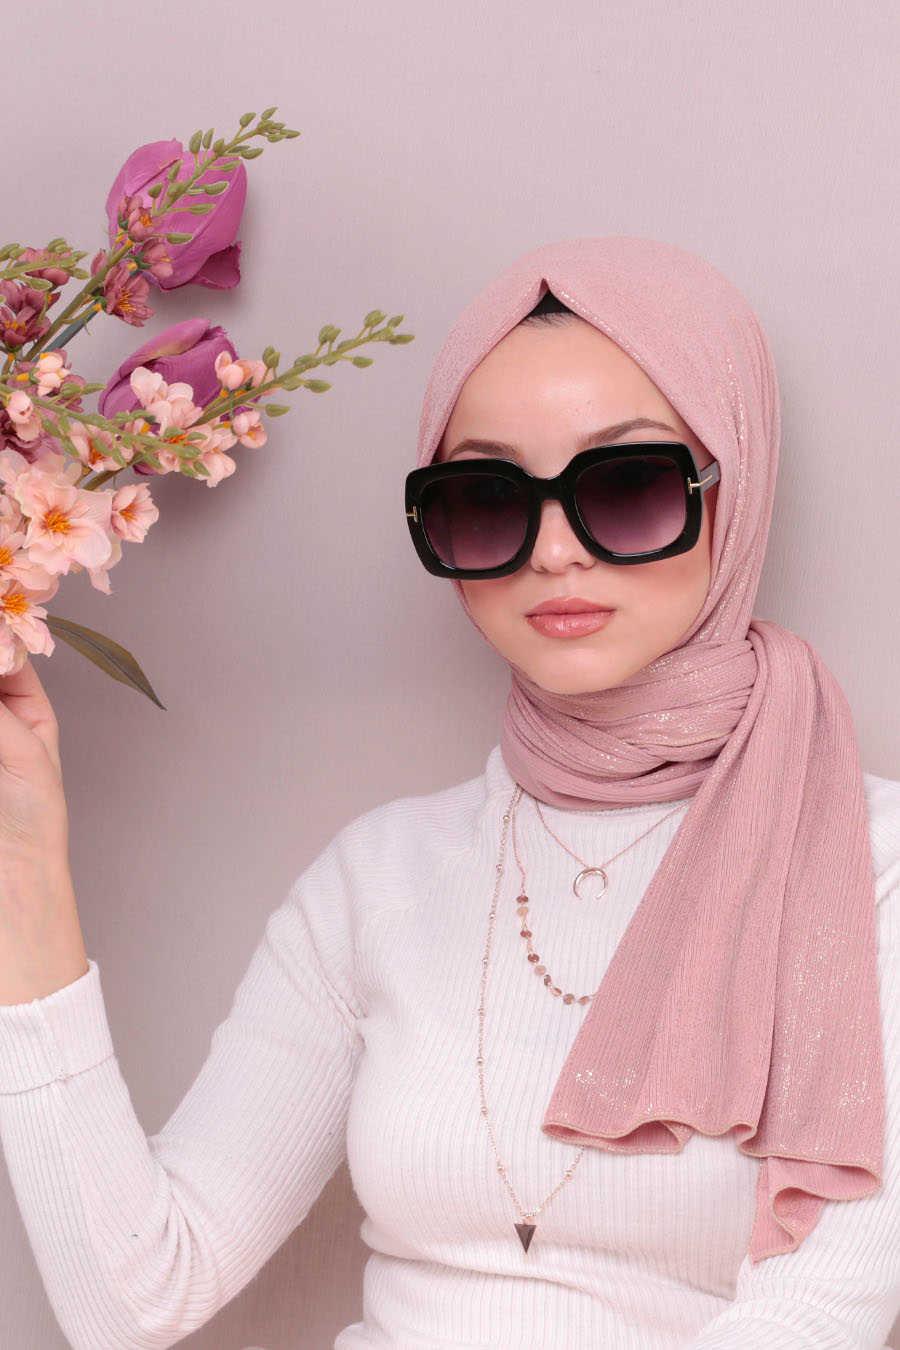 Shawl - Neva Style Powder Pink Shawl 7496PD